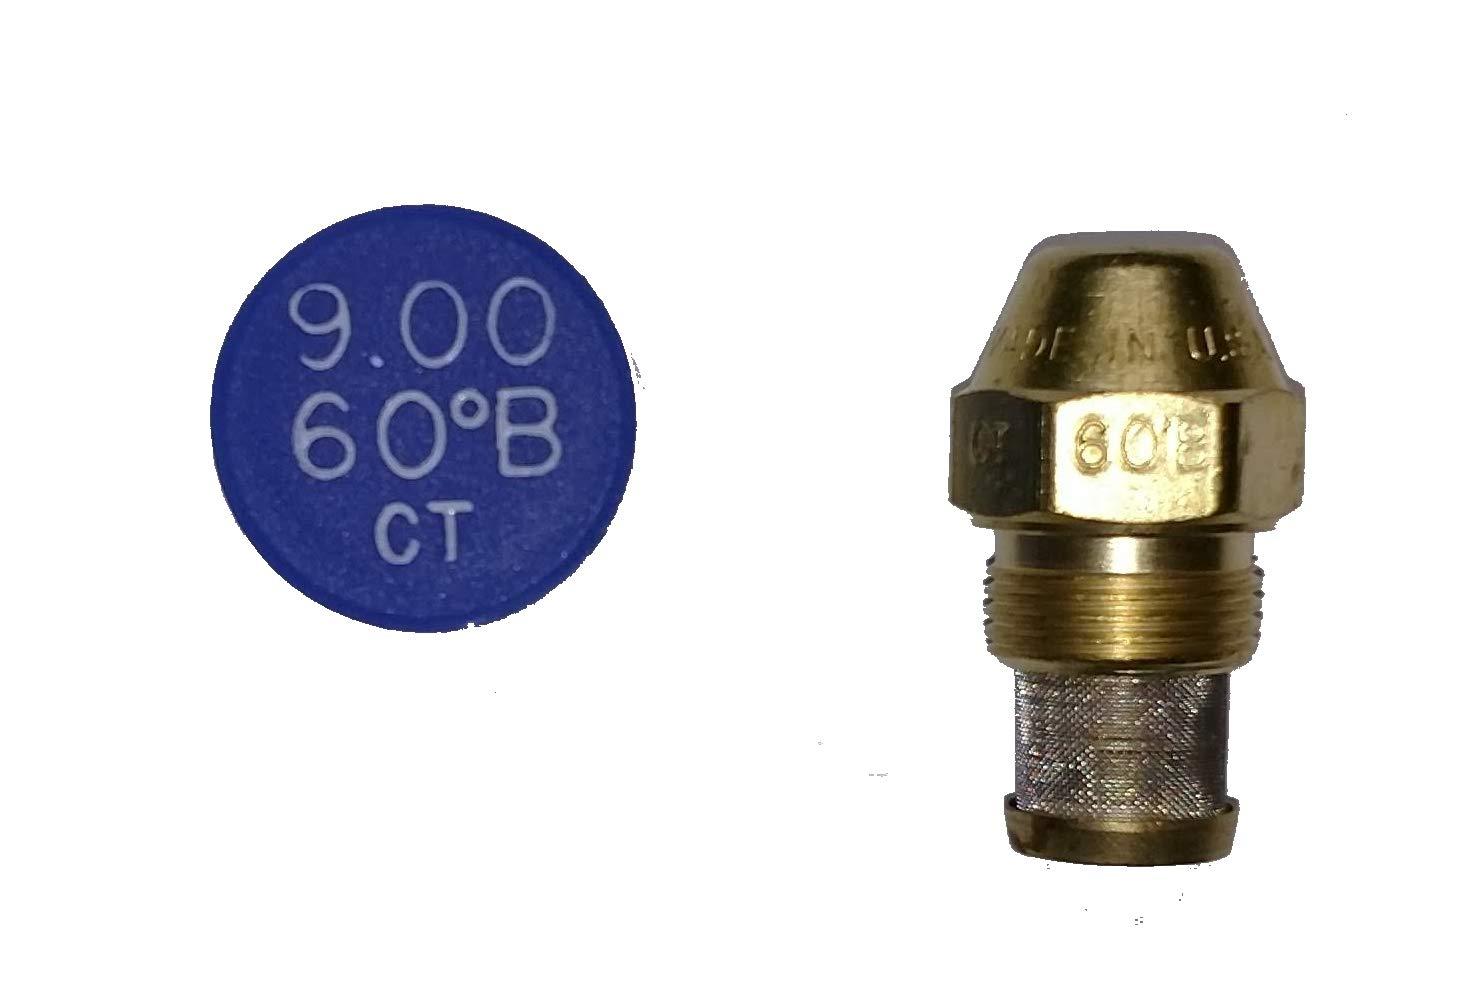 Delavan D/üse 9.00 gph 60 Grad B